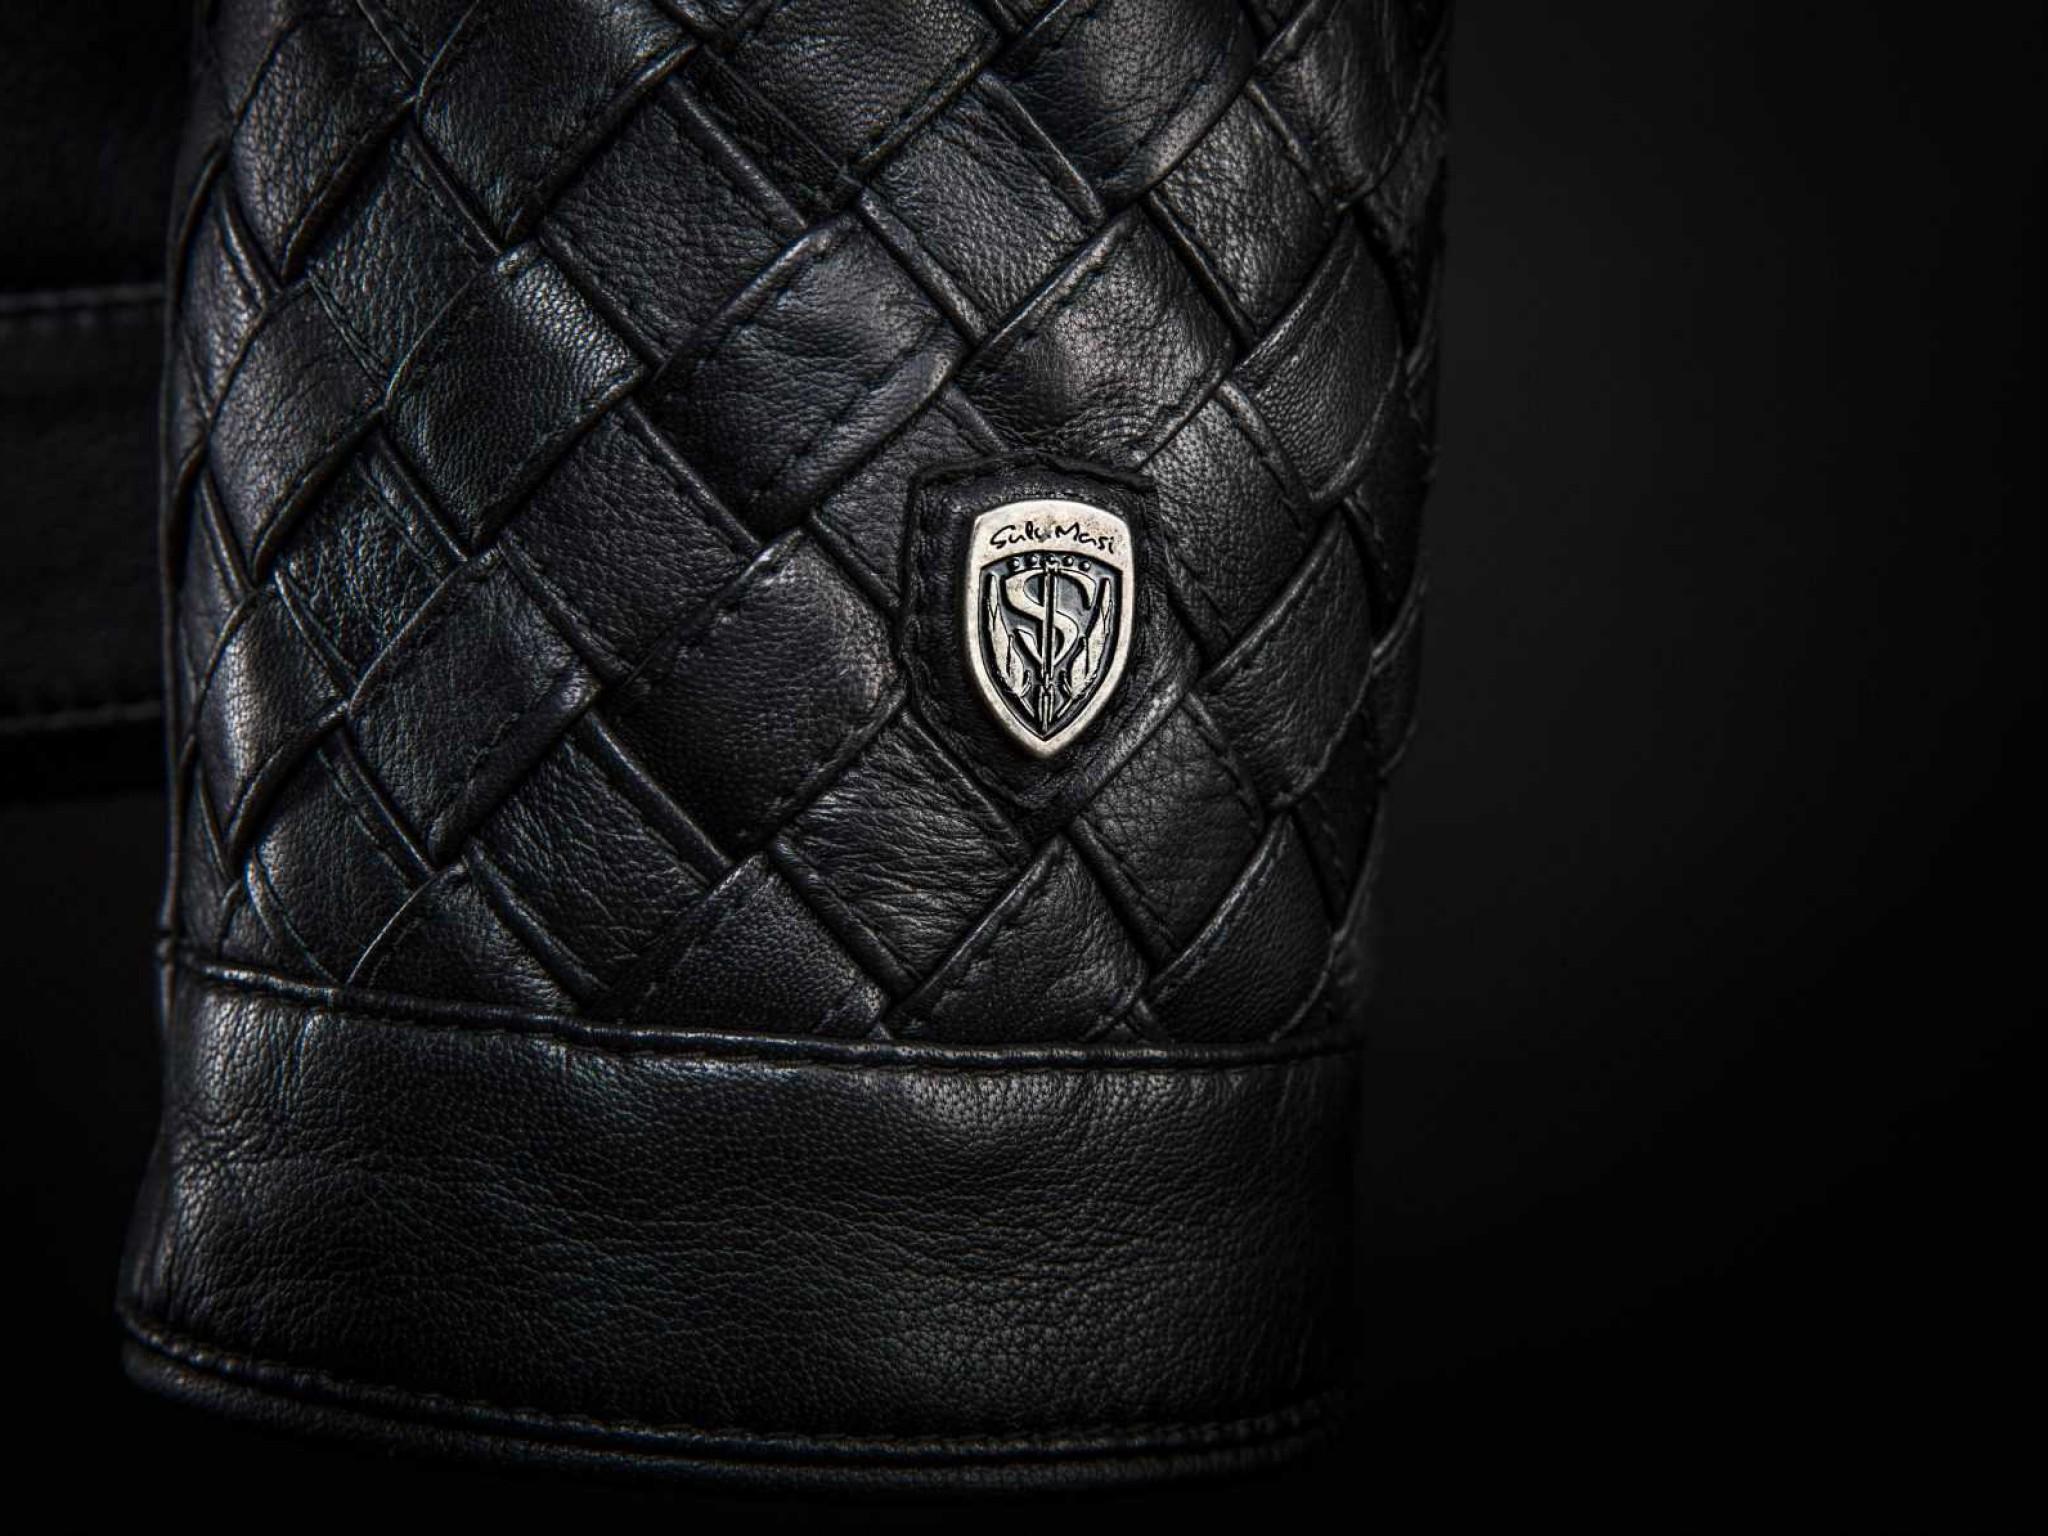 clothing-jacket-06